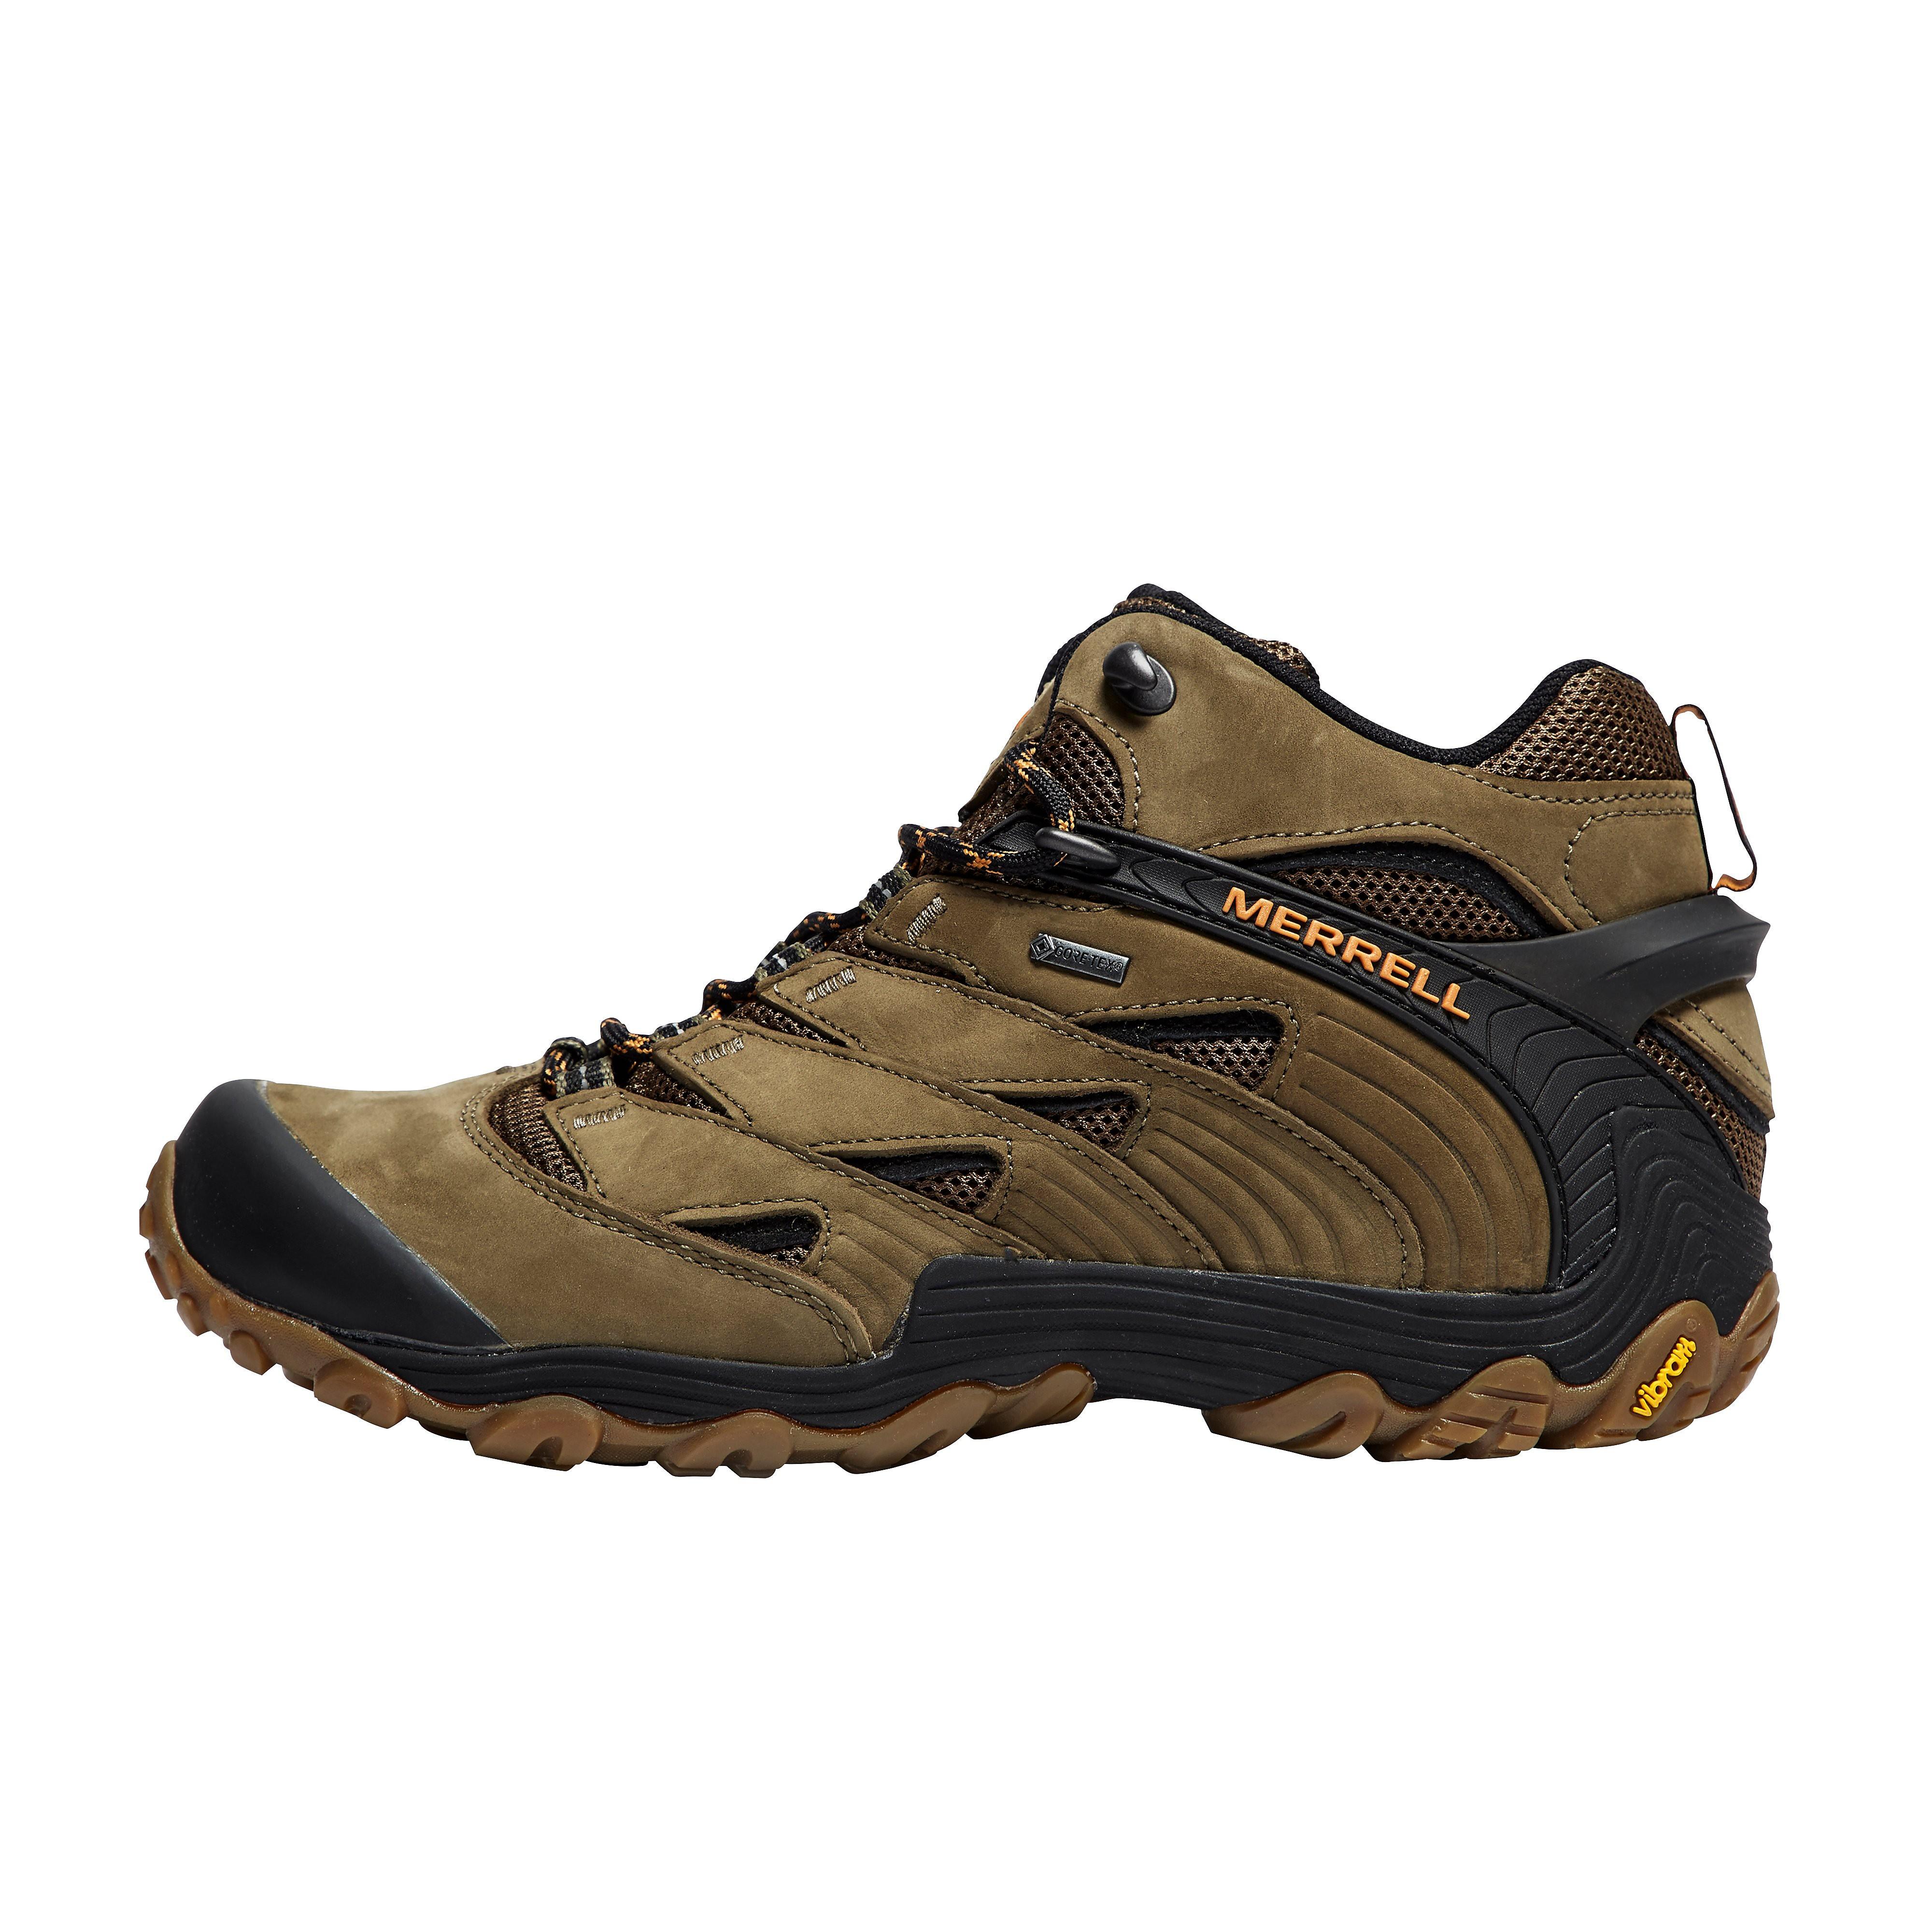 Merrell Chameleon 7 GTX Mid Men's Walking Shoes